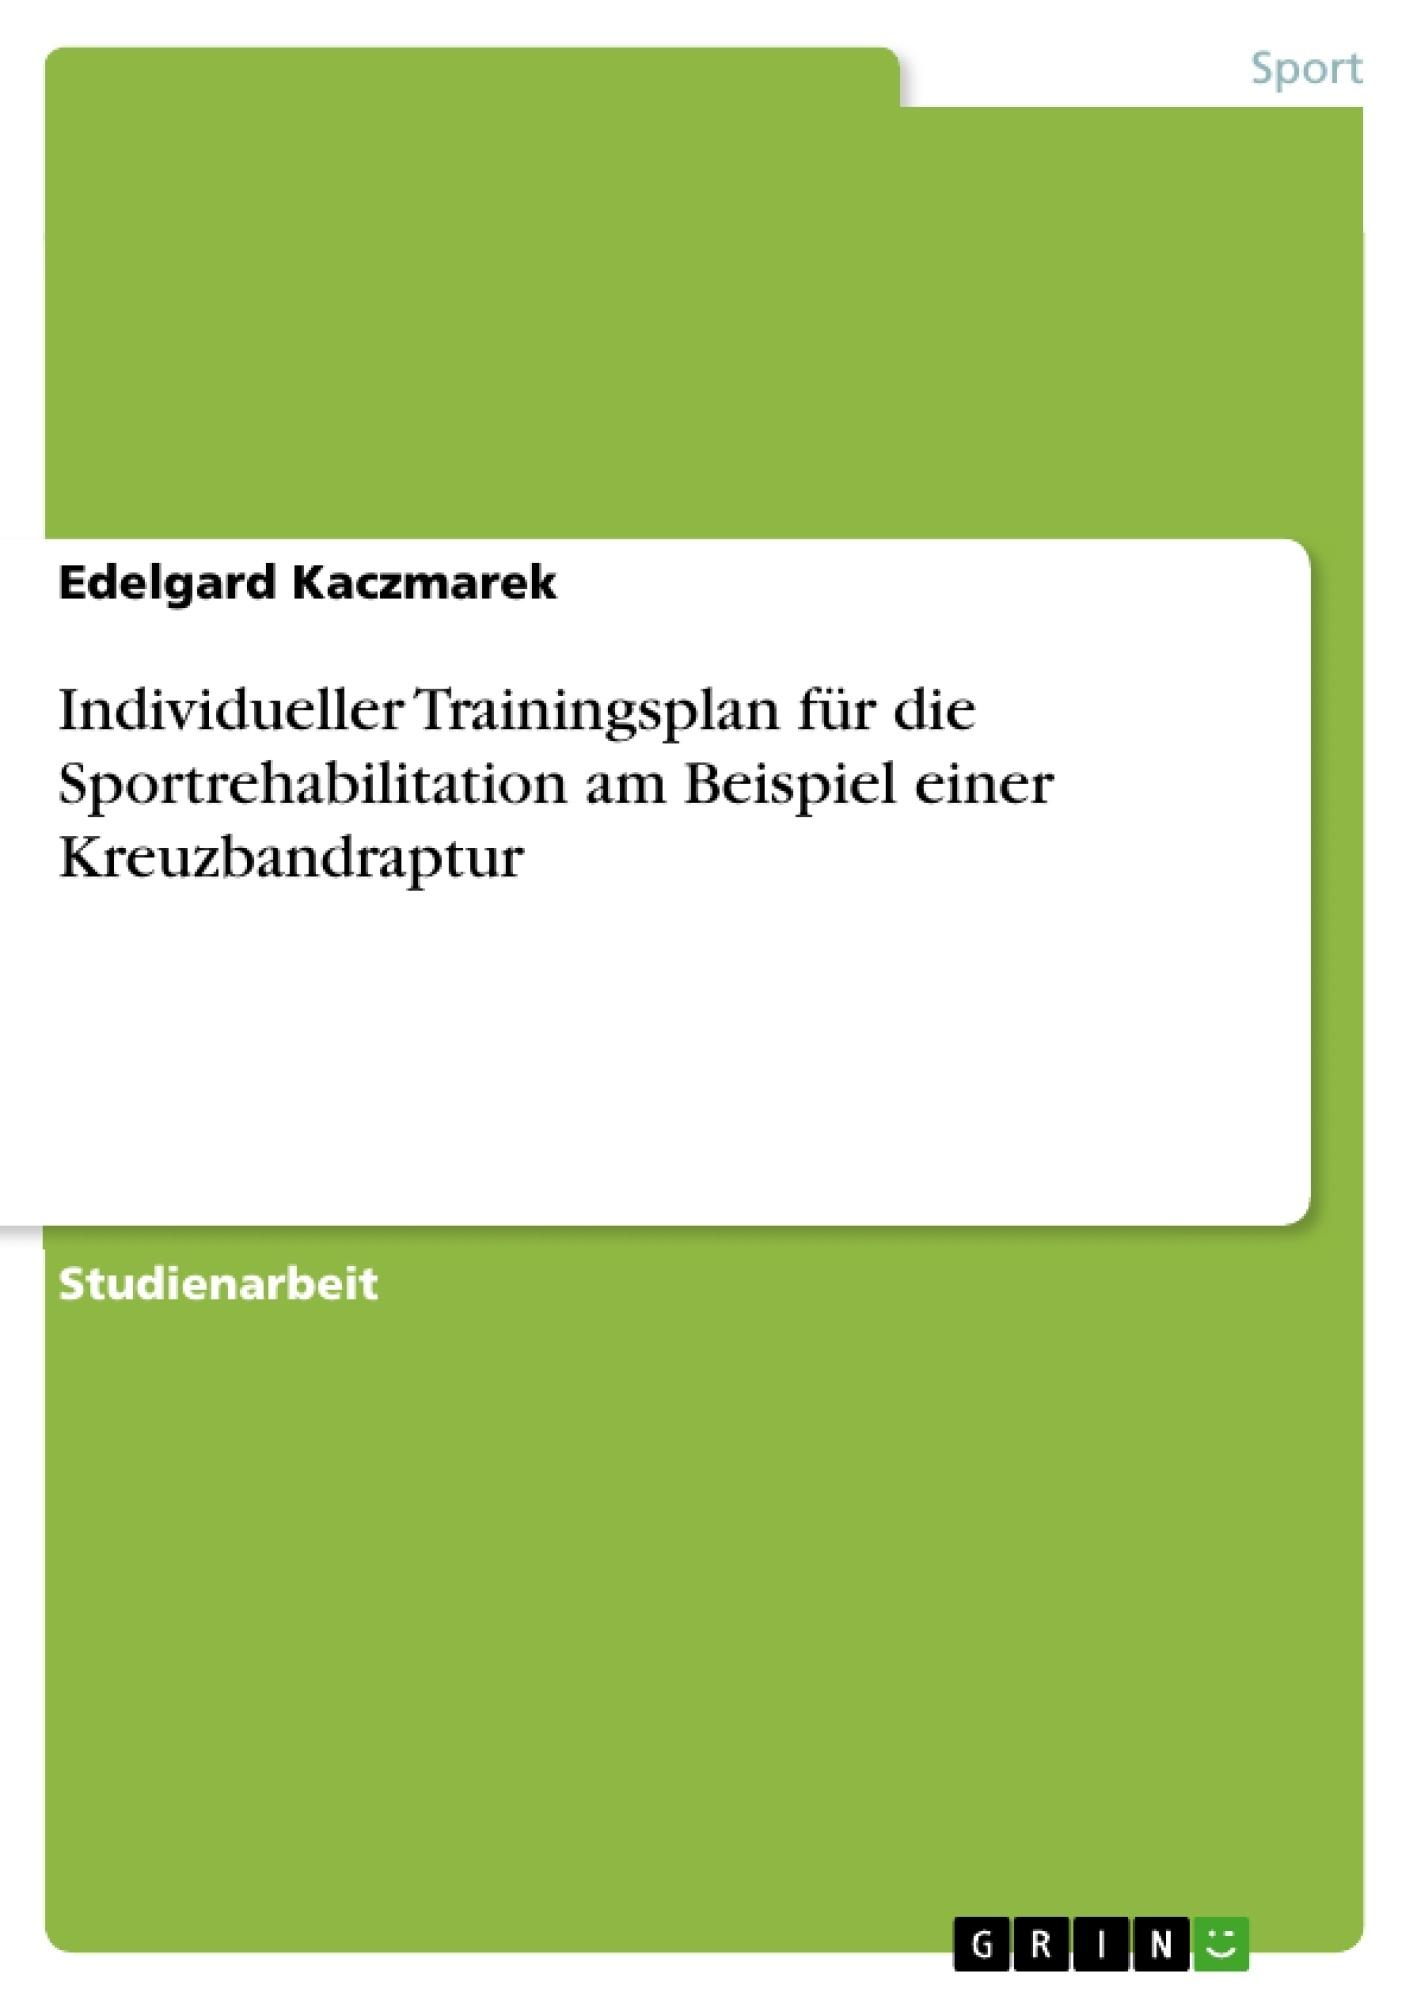 Titel: Individueller Trainingsplan für die Sportrehabilitation am Beispiel einer Kreuzbandraptur